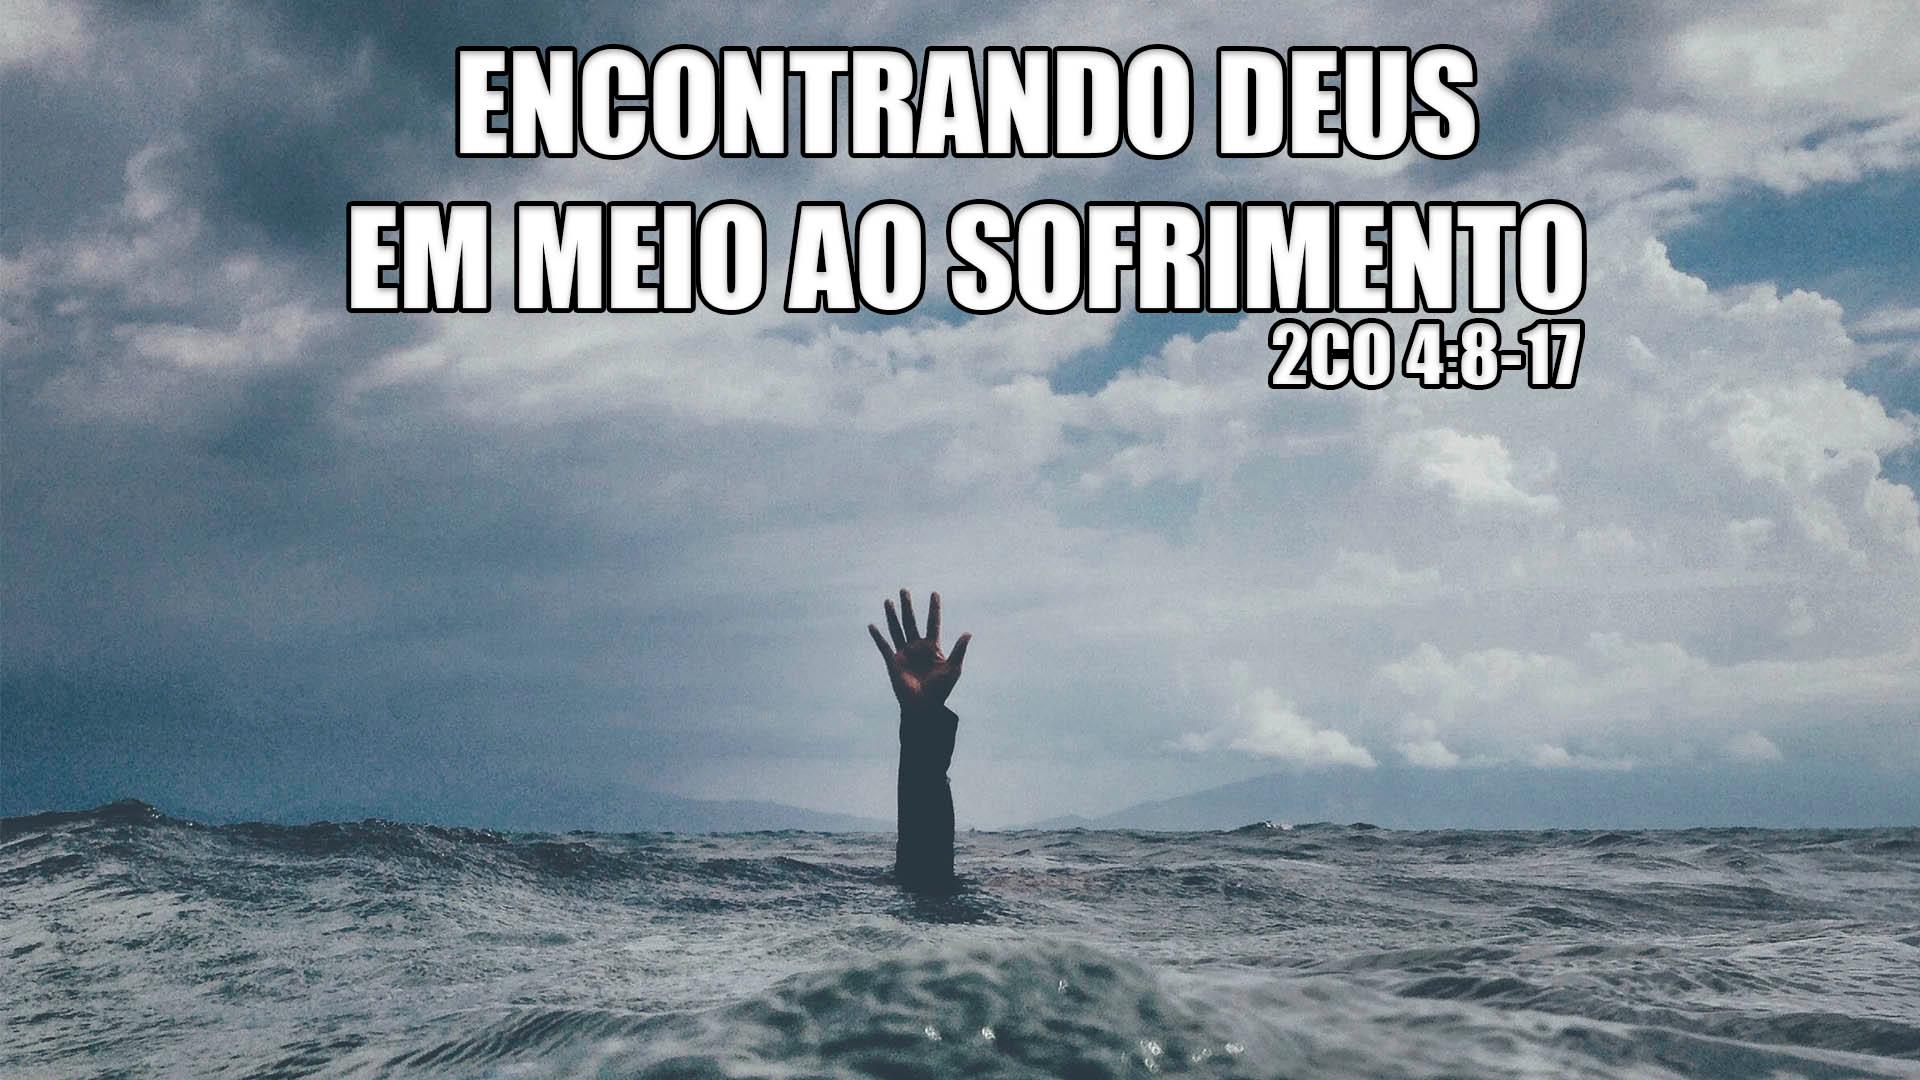 Encontrando Deus em meio ao sofrimento